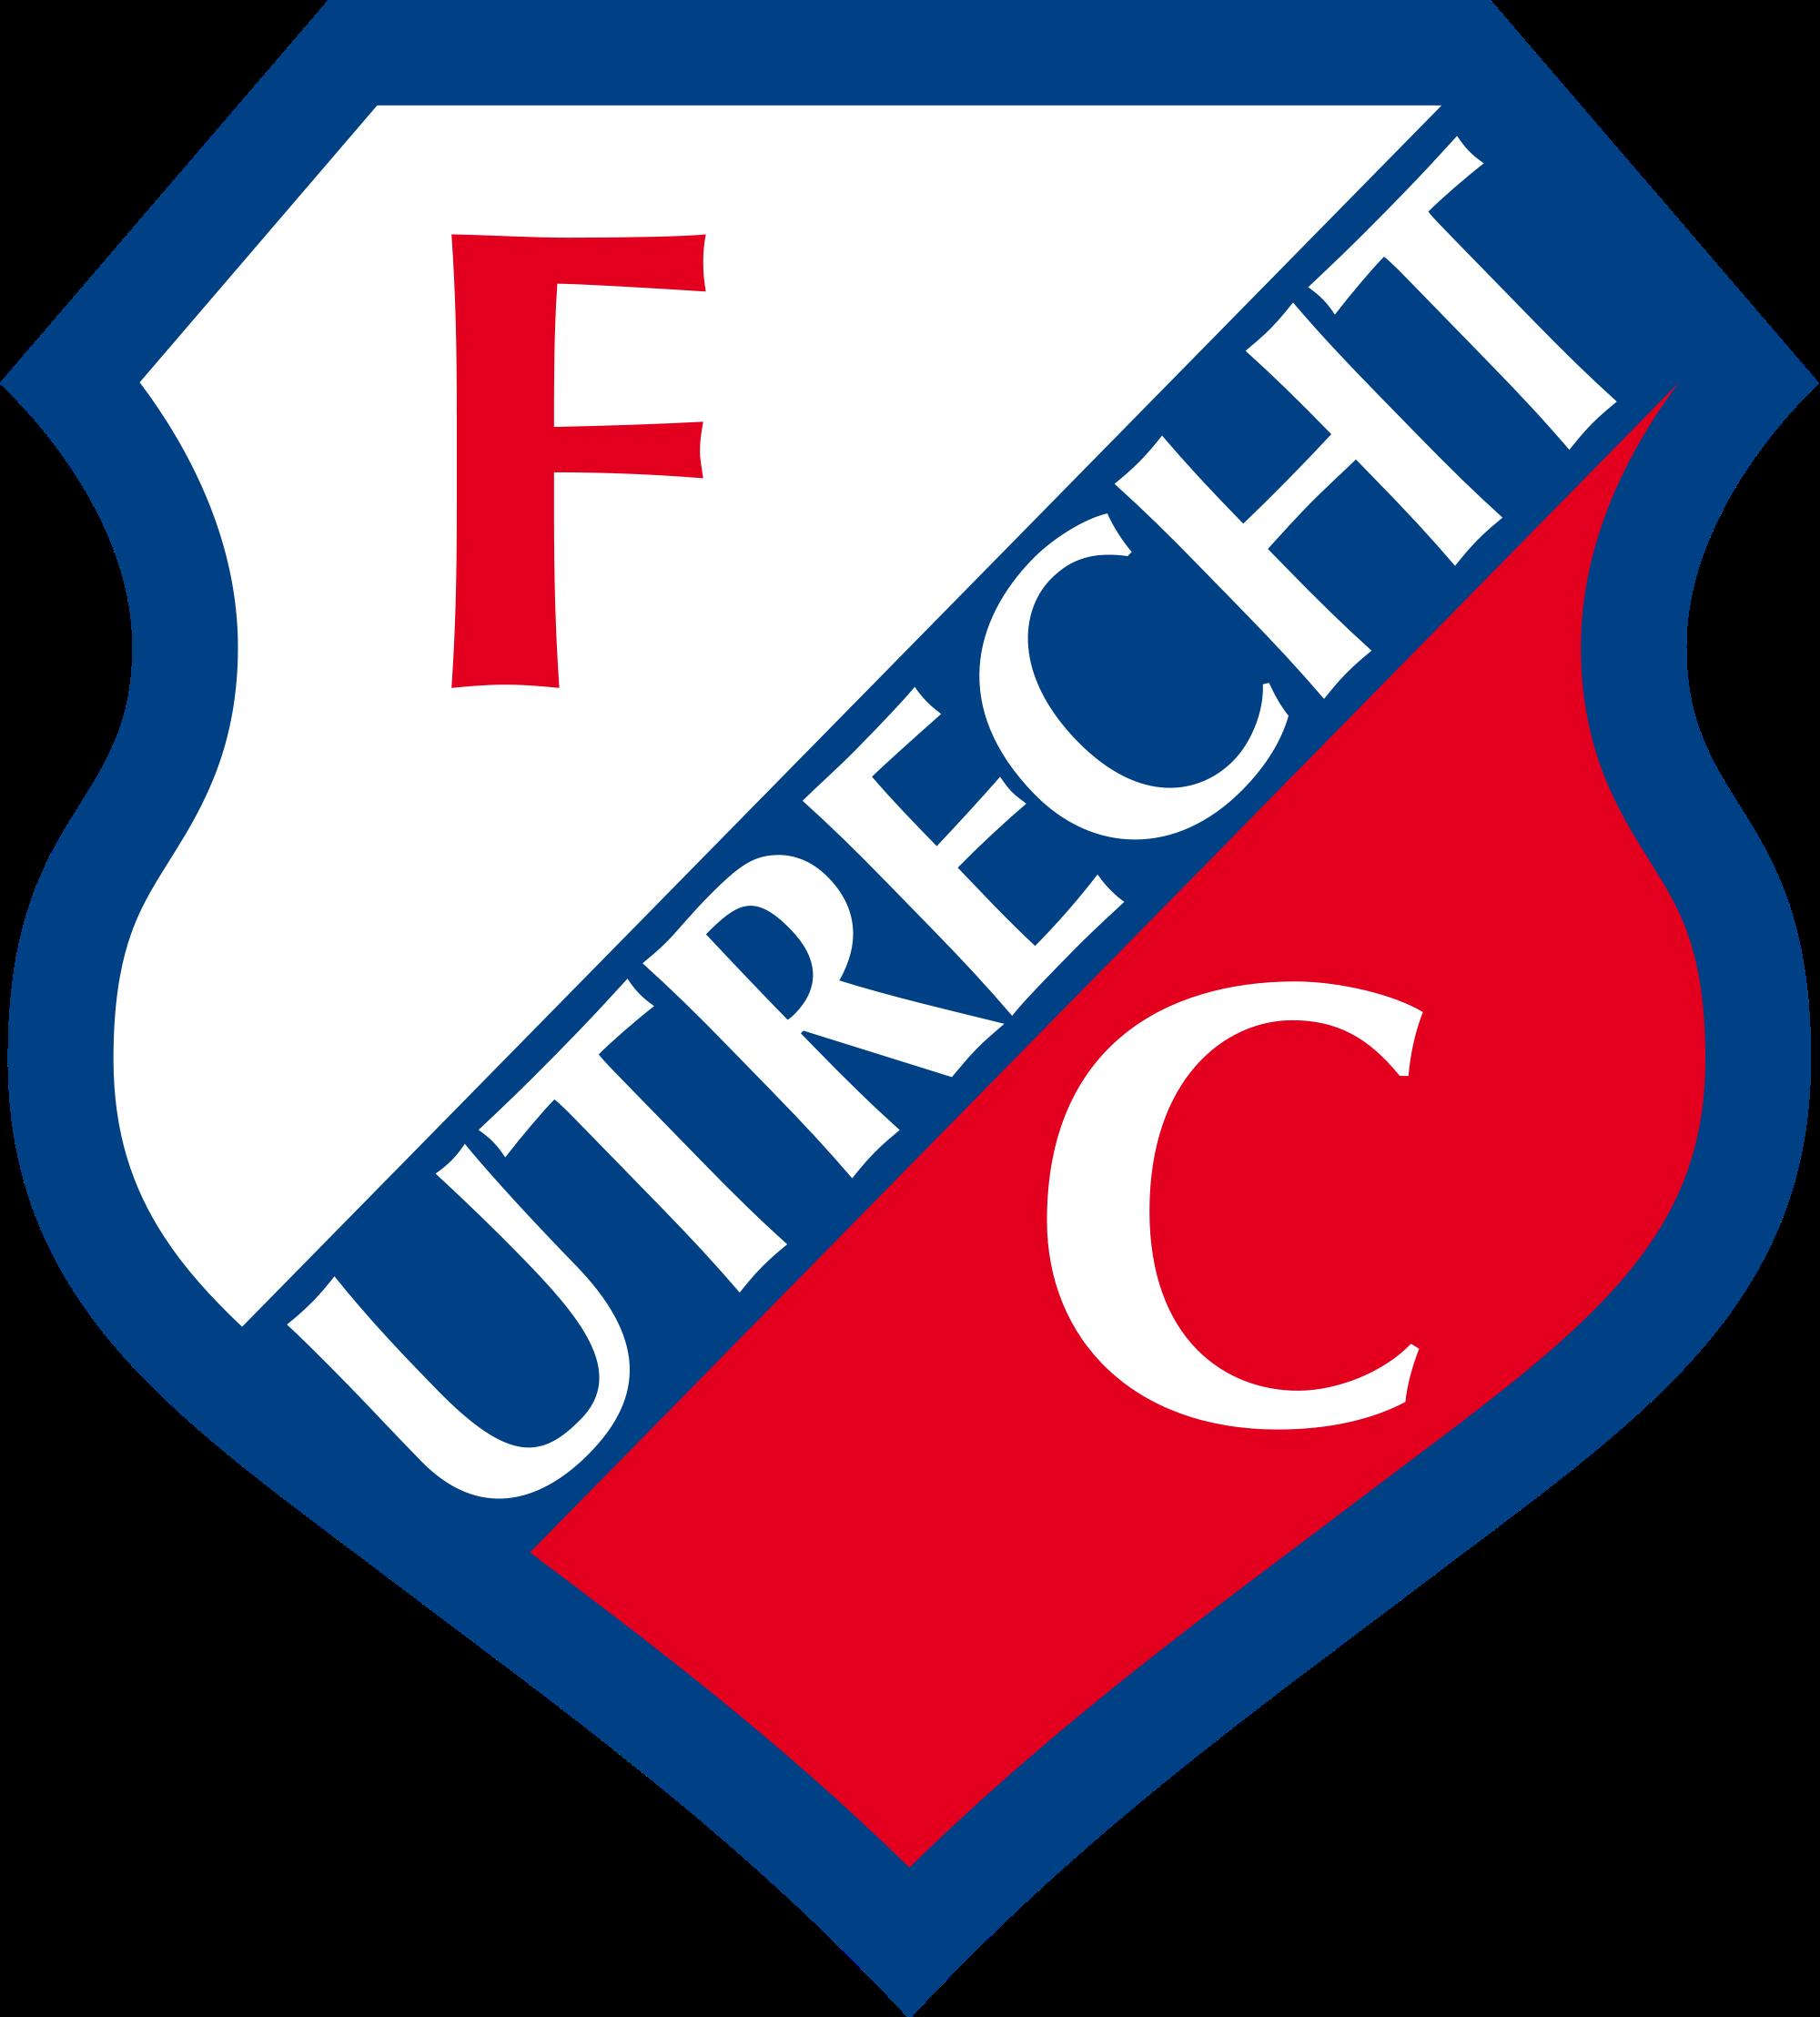 logo FC Utrecht